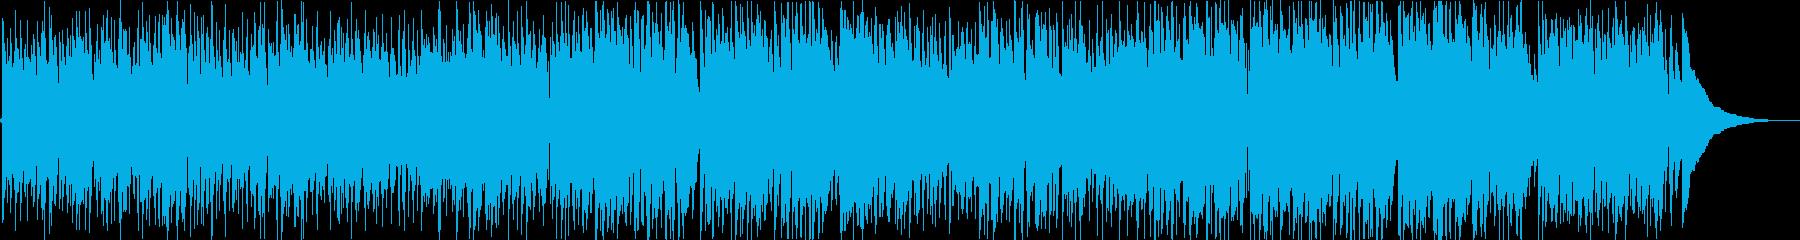 生アコギ 軽快 スウィング キャッチーの再生済みの波形